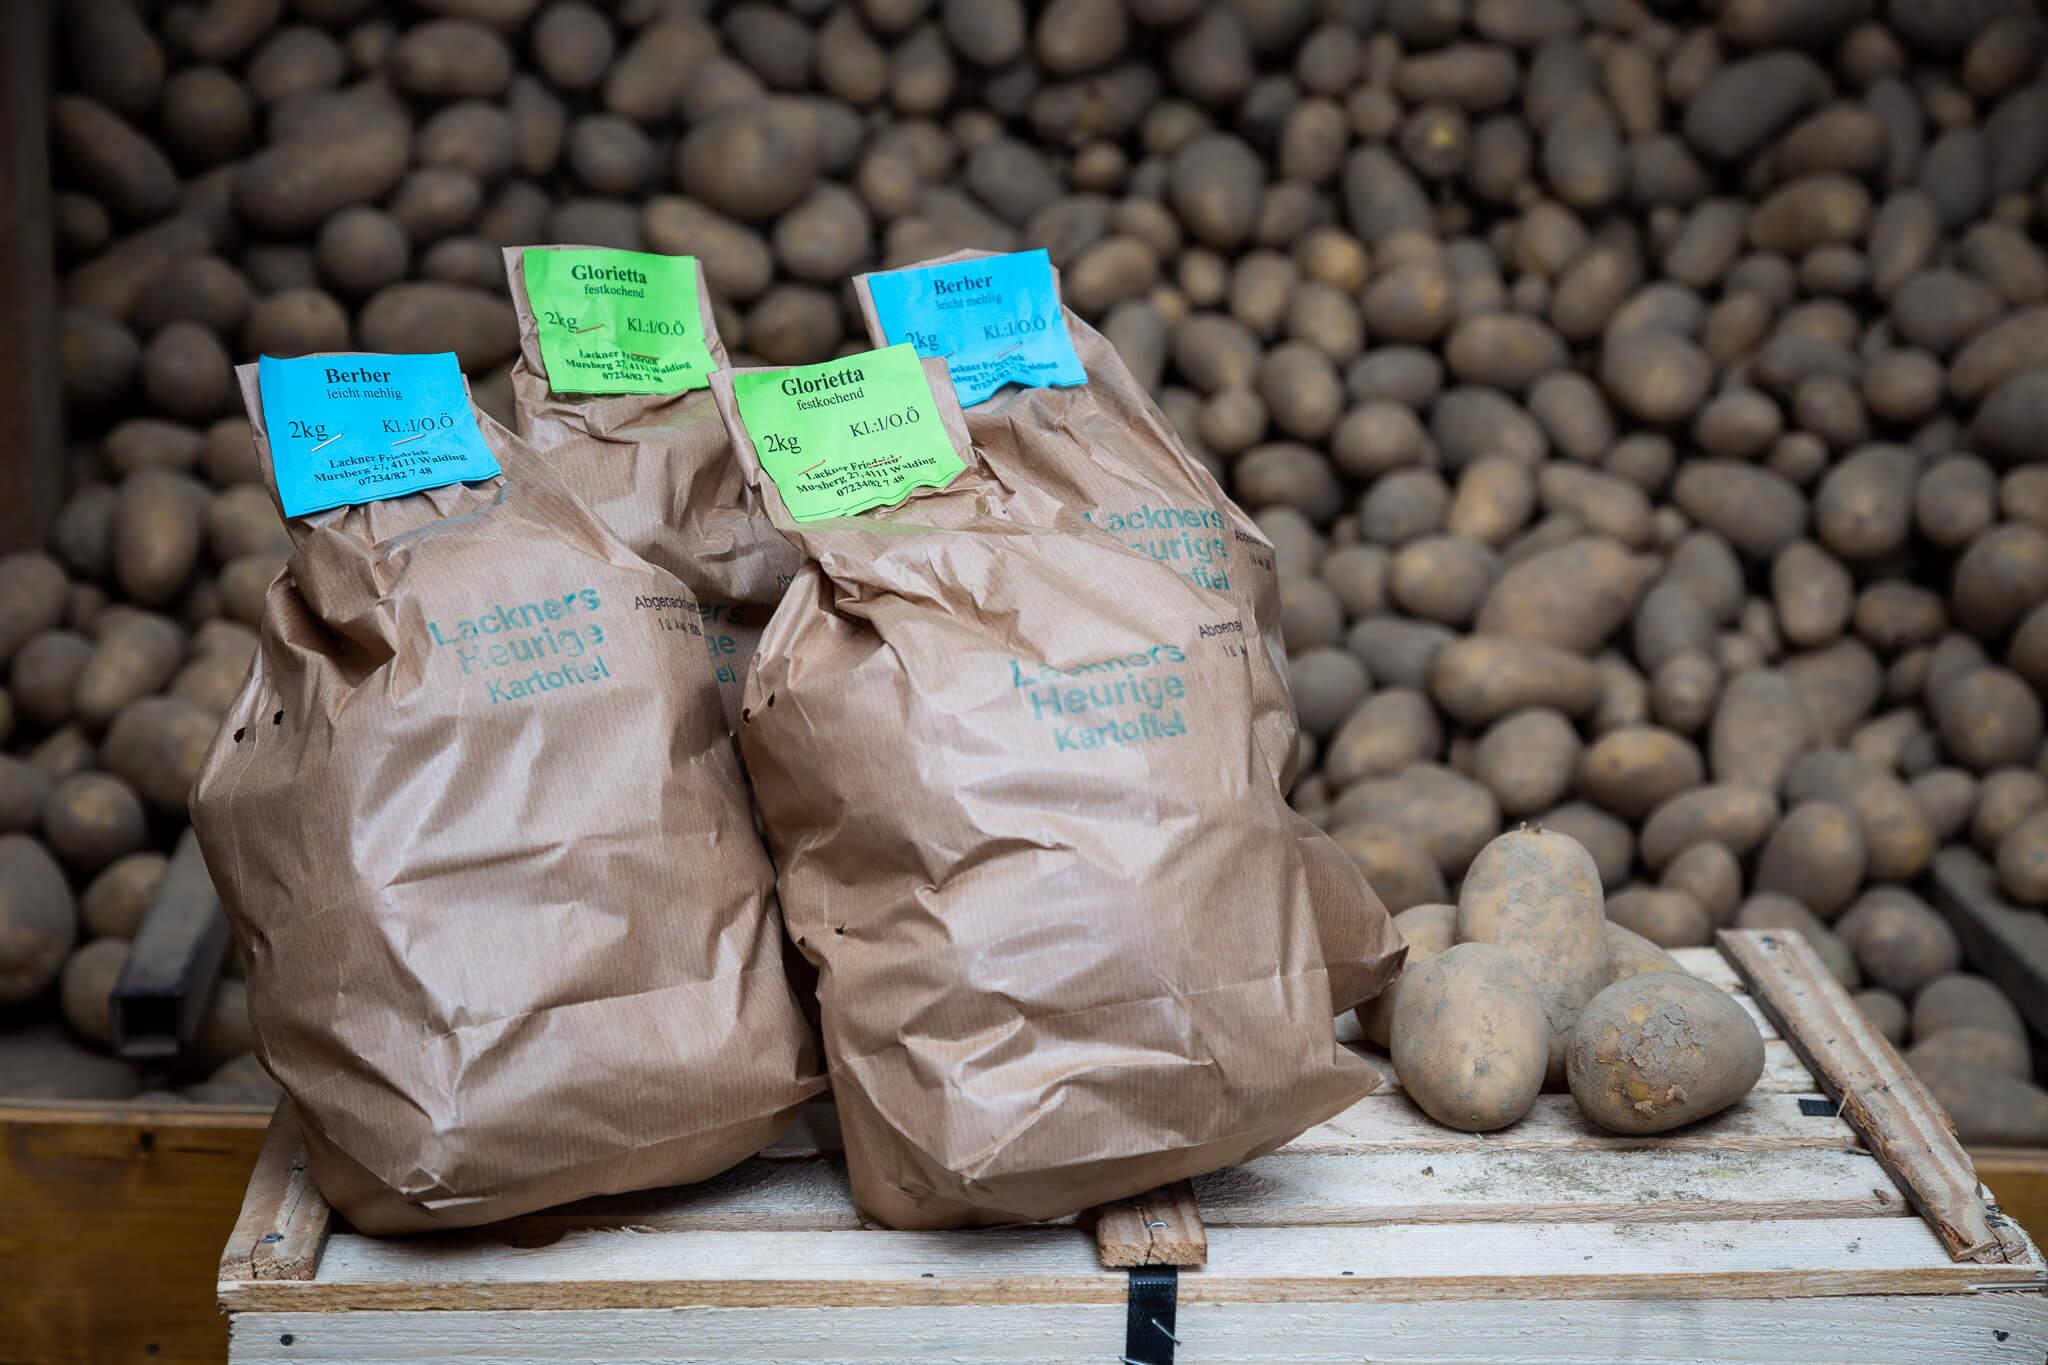 Lackner Hofkellerei Walding Erdaepfel Kartoffel Heurige